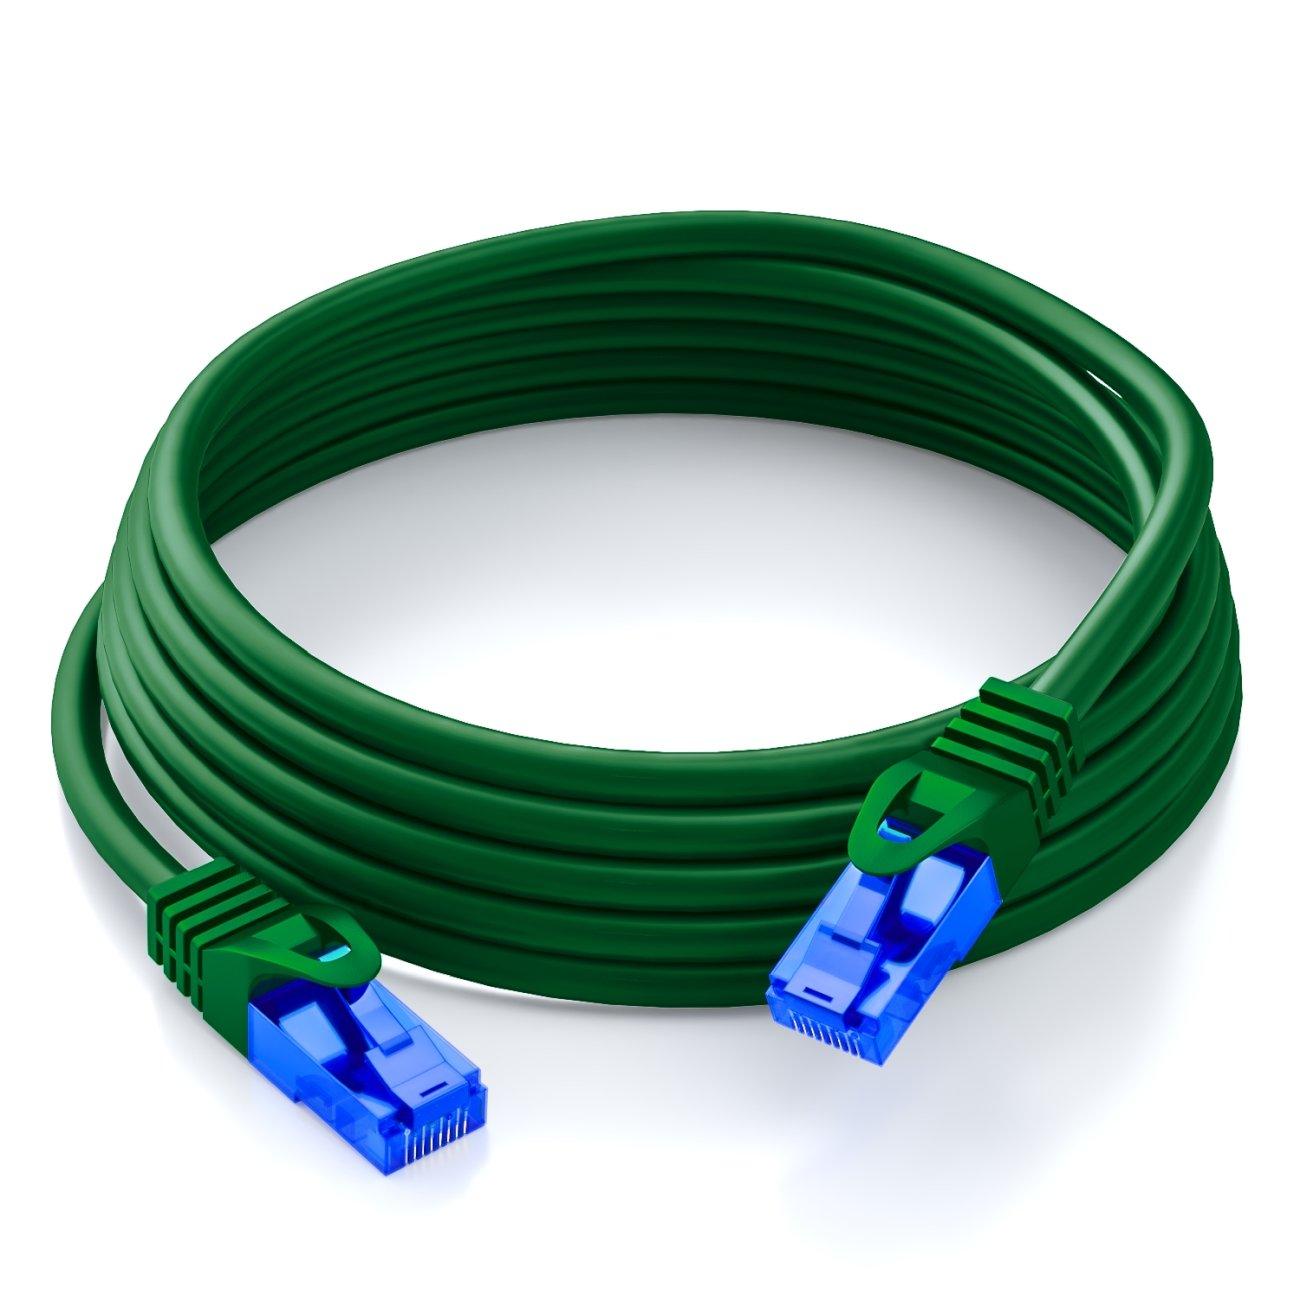 deleyCON 20m Cat.6 Ethernet Gigabit LAN Cable de Red RJ45 CAT6 Cable de Conexi/ón U//UTP Compatible con Cat.5 Cat.5e Cat.6a Cat.7 Gris